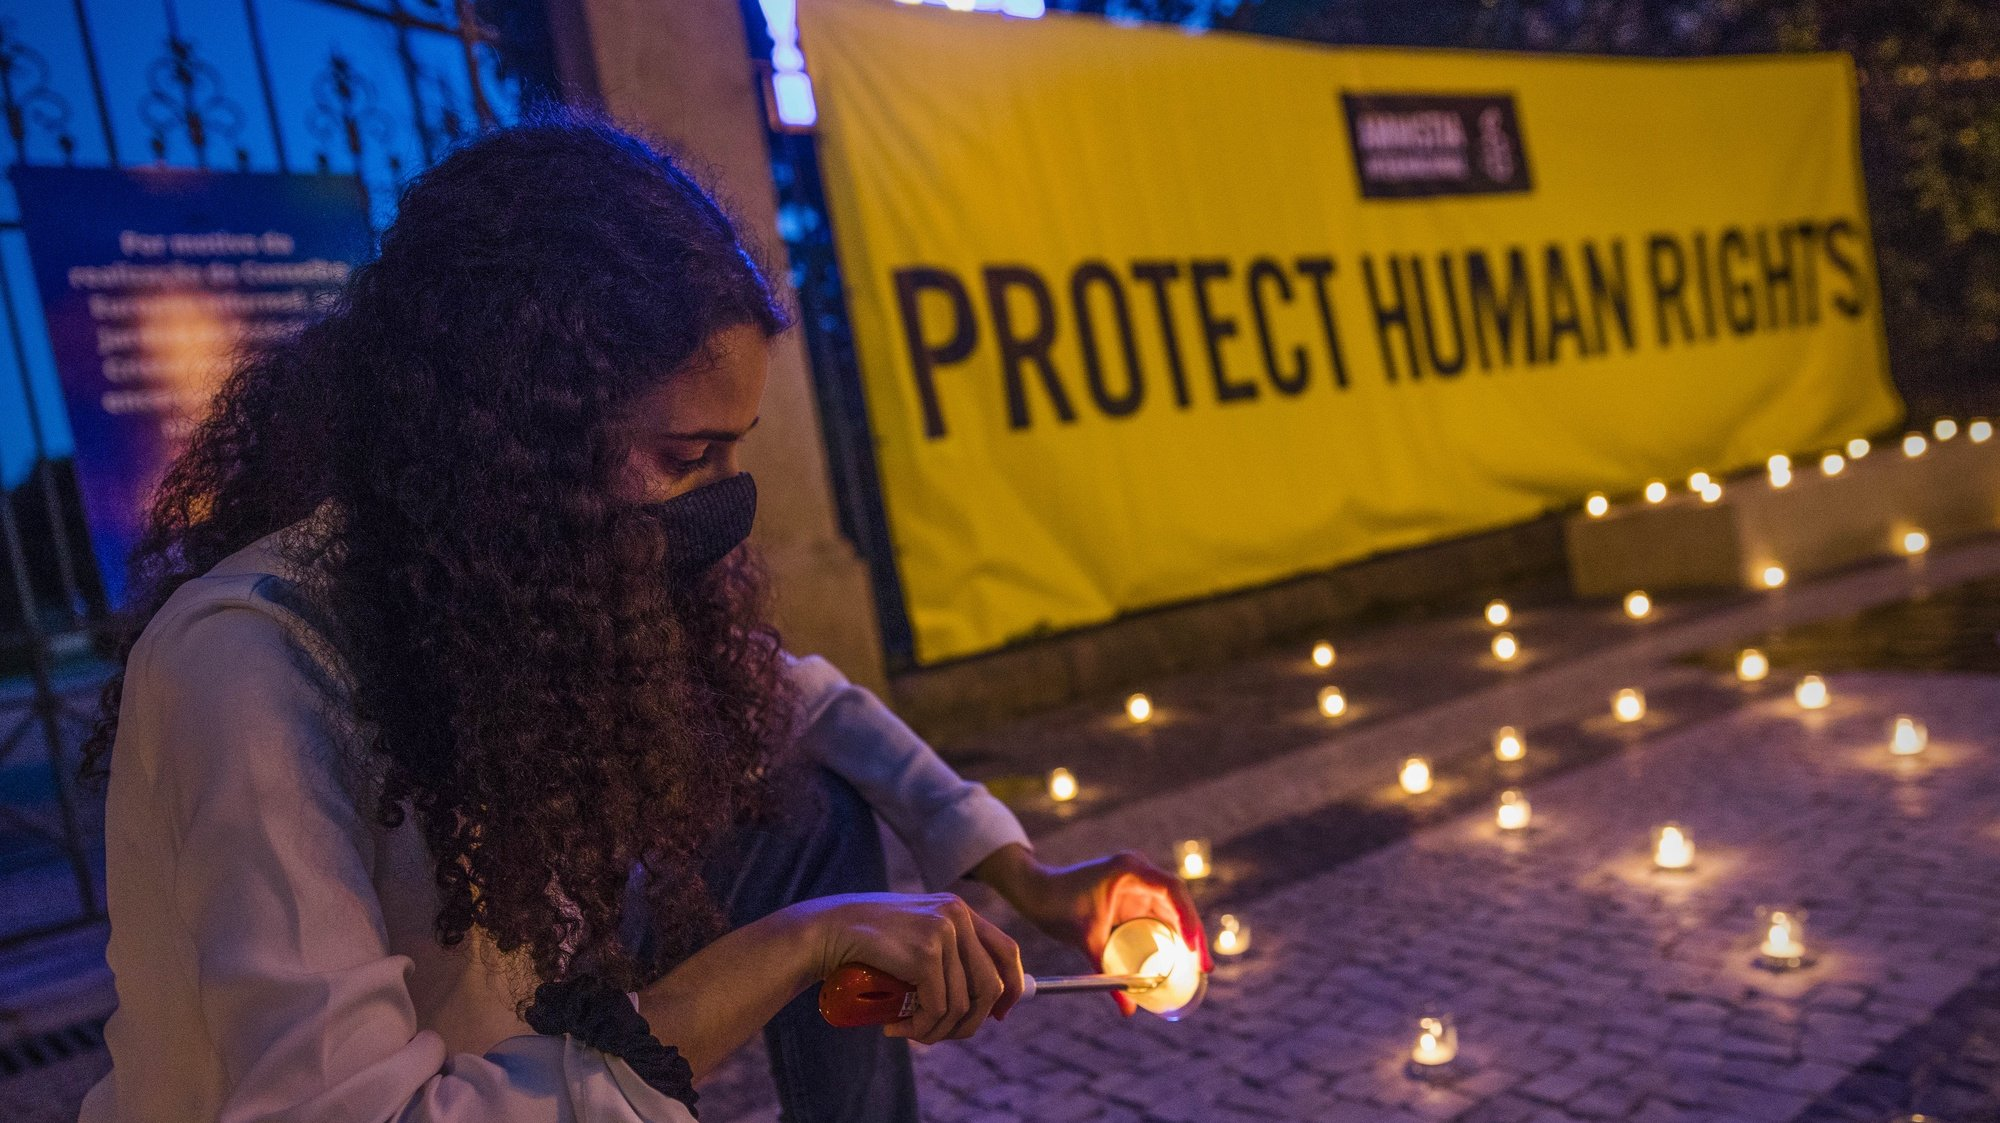 """Vigília pela proteção dos direitos humanos na Índia, Porto, 6 de maio de 2021. A Amnistia Internacional promove uma vigília para """"pressionar o governo indiano a terminar com a repressão às pessoas que defendem os direitos humanos, bem como a todos os dissidentes de opinião naquele país."""". JOSÉ COELHO/LUSA"""